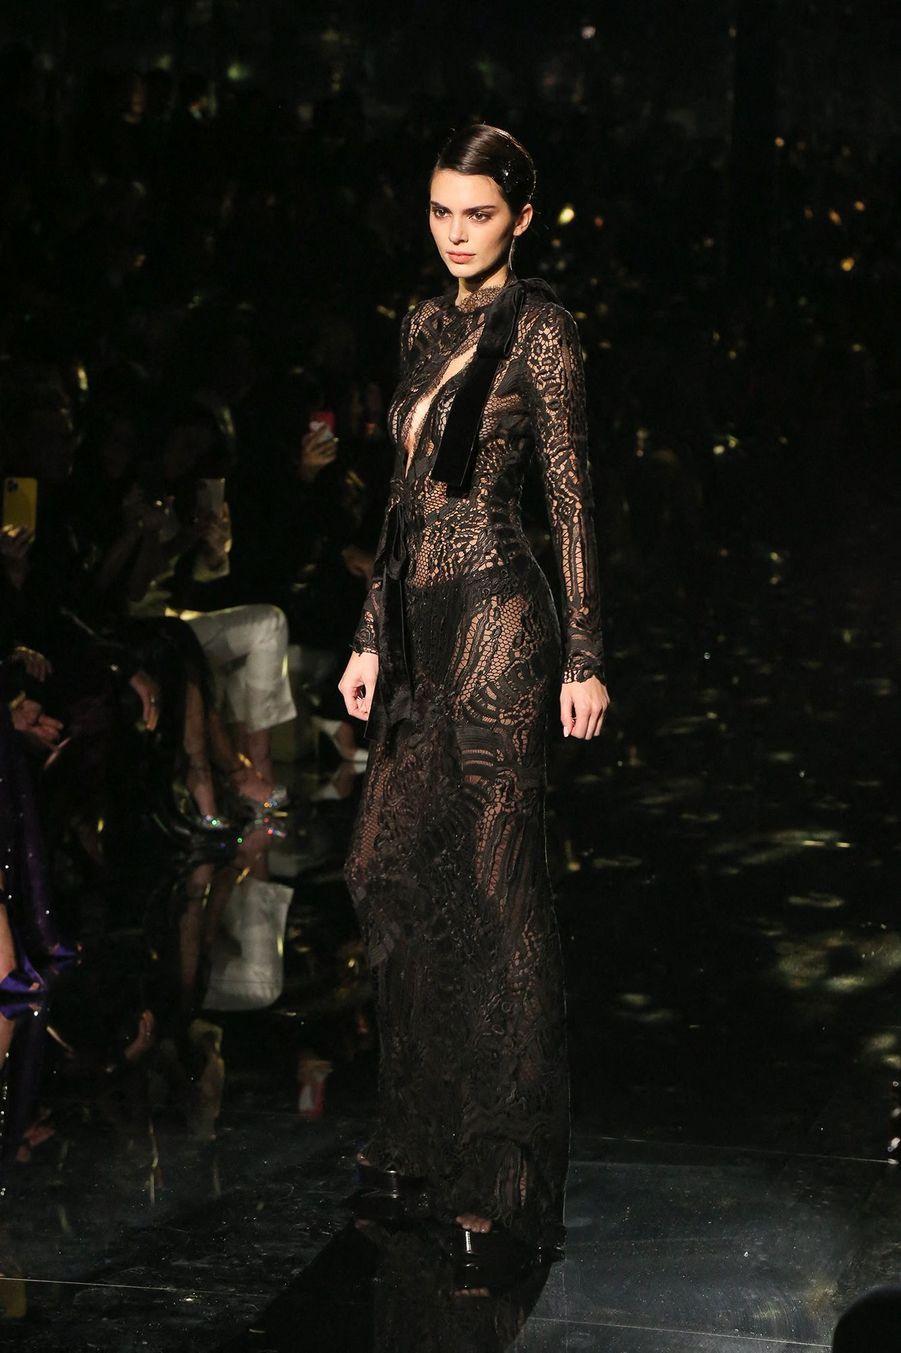 Kendall Jenner, vendredi 8 février à Los Angeles, au défilé Tom Ford.